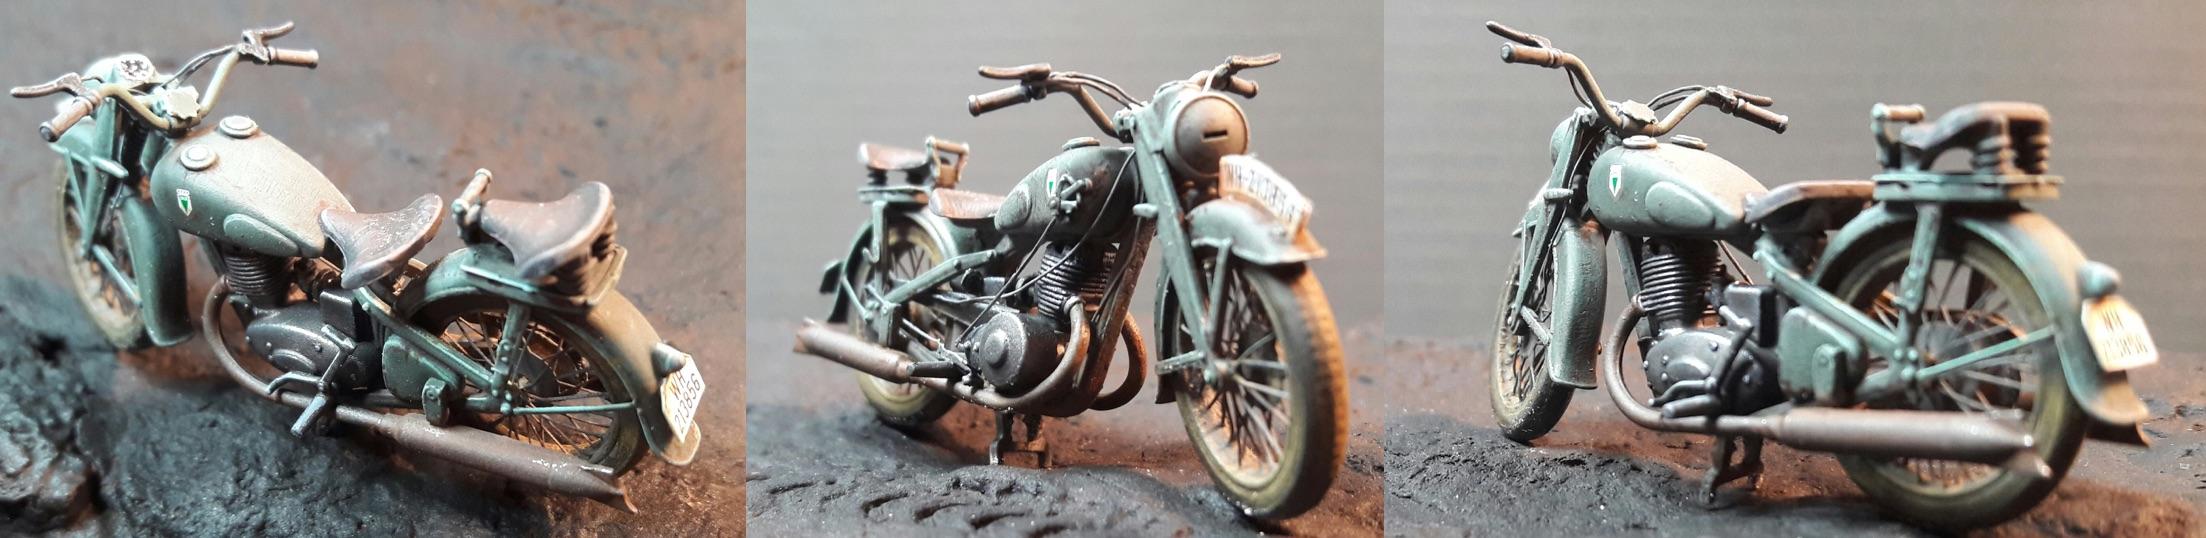 Zündapp KS750 - Sidecar - Great Wall Hobby + figurines Alpine - 1/35 - Page 5 336592DKW350